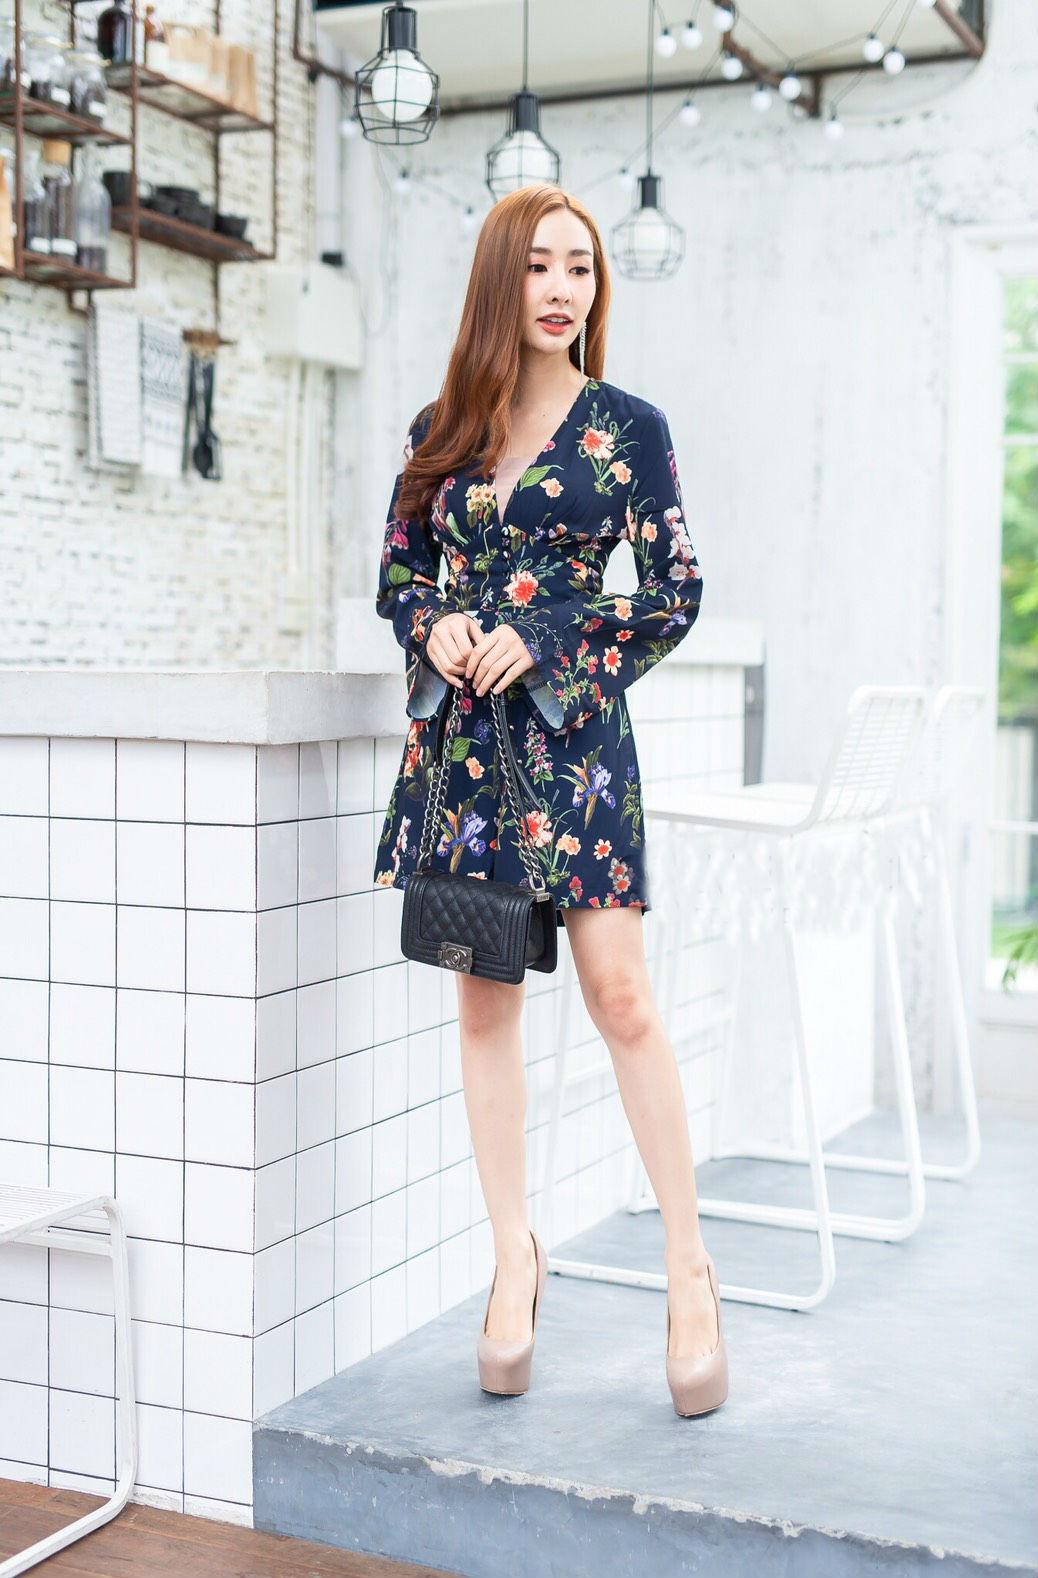 JS0034 เสื้อผ้าแฟชั่น เสื้อผ้าเกาหลี เสื้อผ้าแฟชั่นเกาหลี ชุดจั๊มสูท จั๊มสูทขาสั้น จั๊มสูทกางเกง จั๊มสูทลายดอก ชุดออกงาน ชุดทำงาน (กรม)